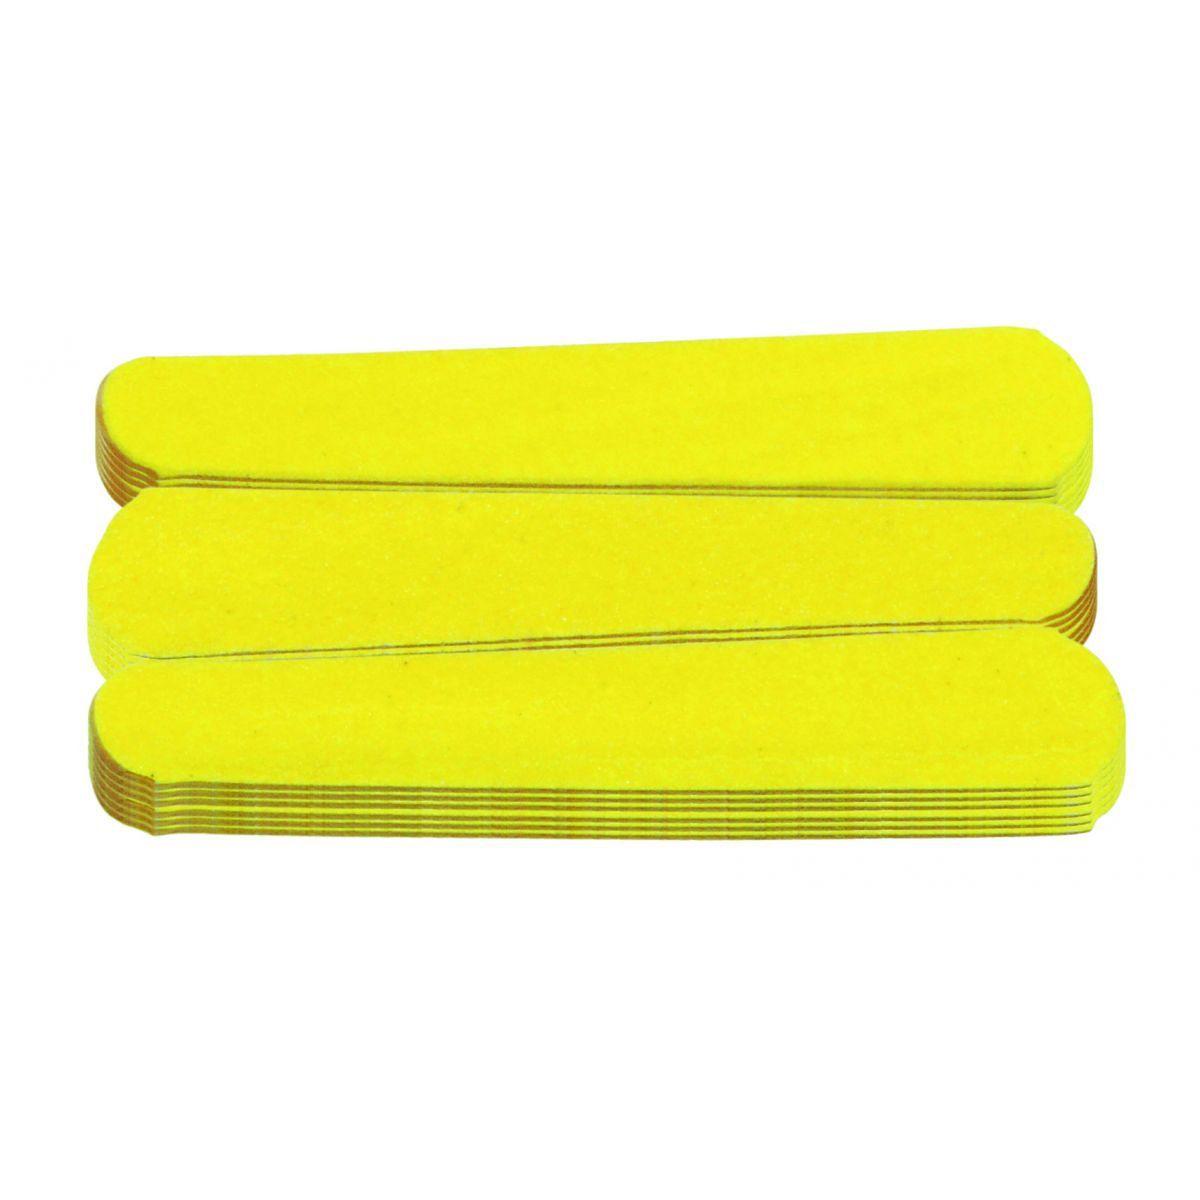 Mini Lixa Amarelo Canário Para Unhas 20 Unidades - Santa Clara